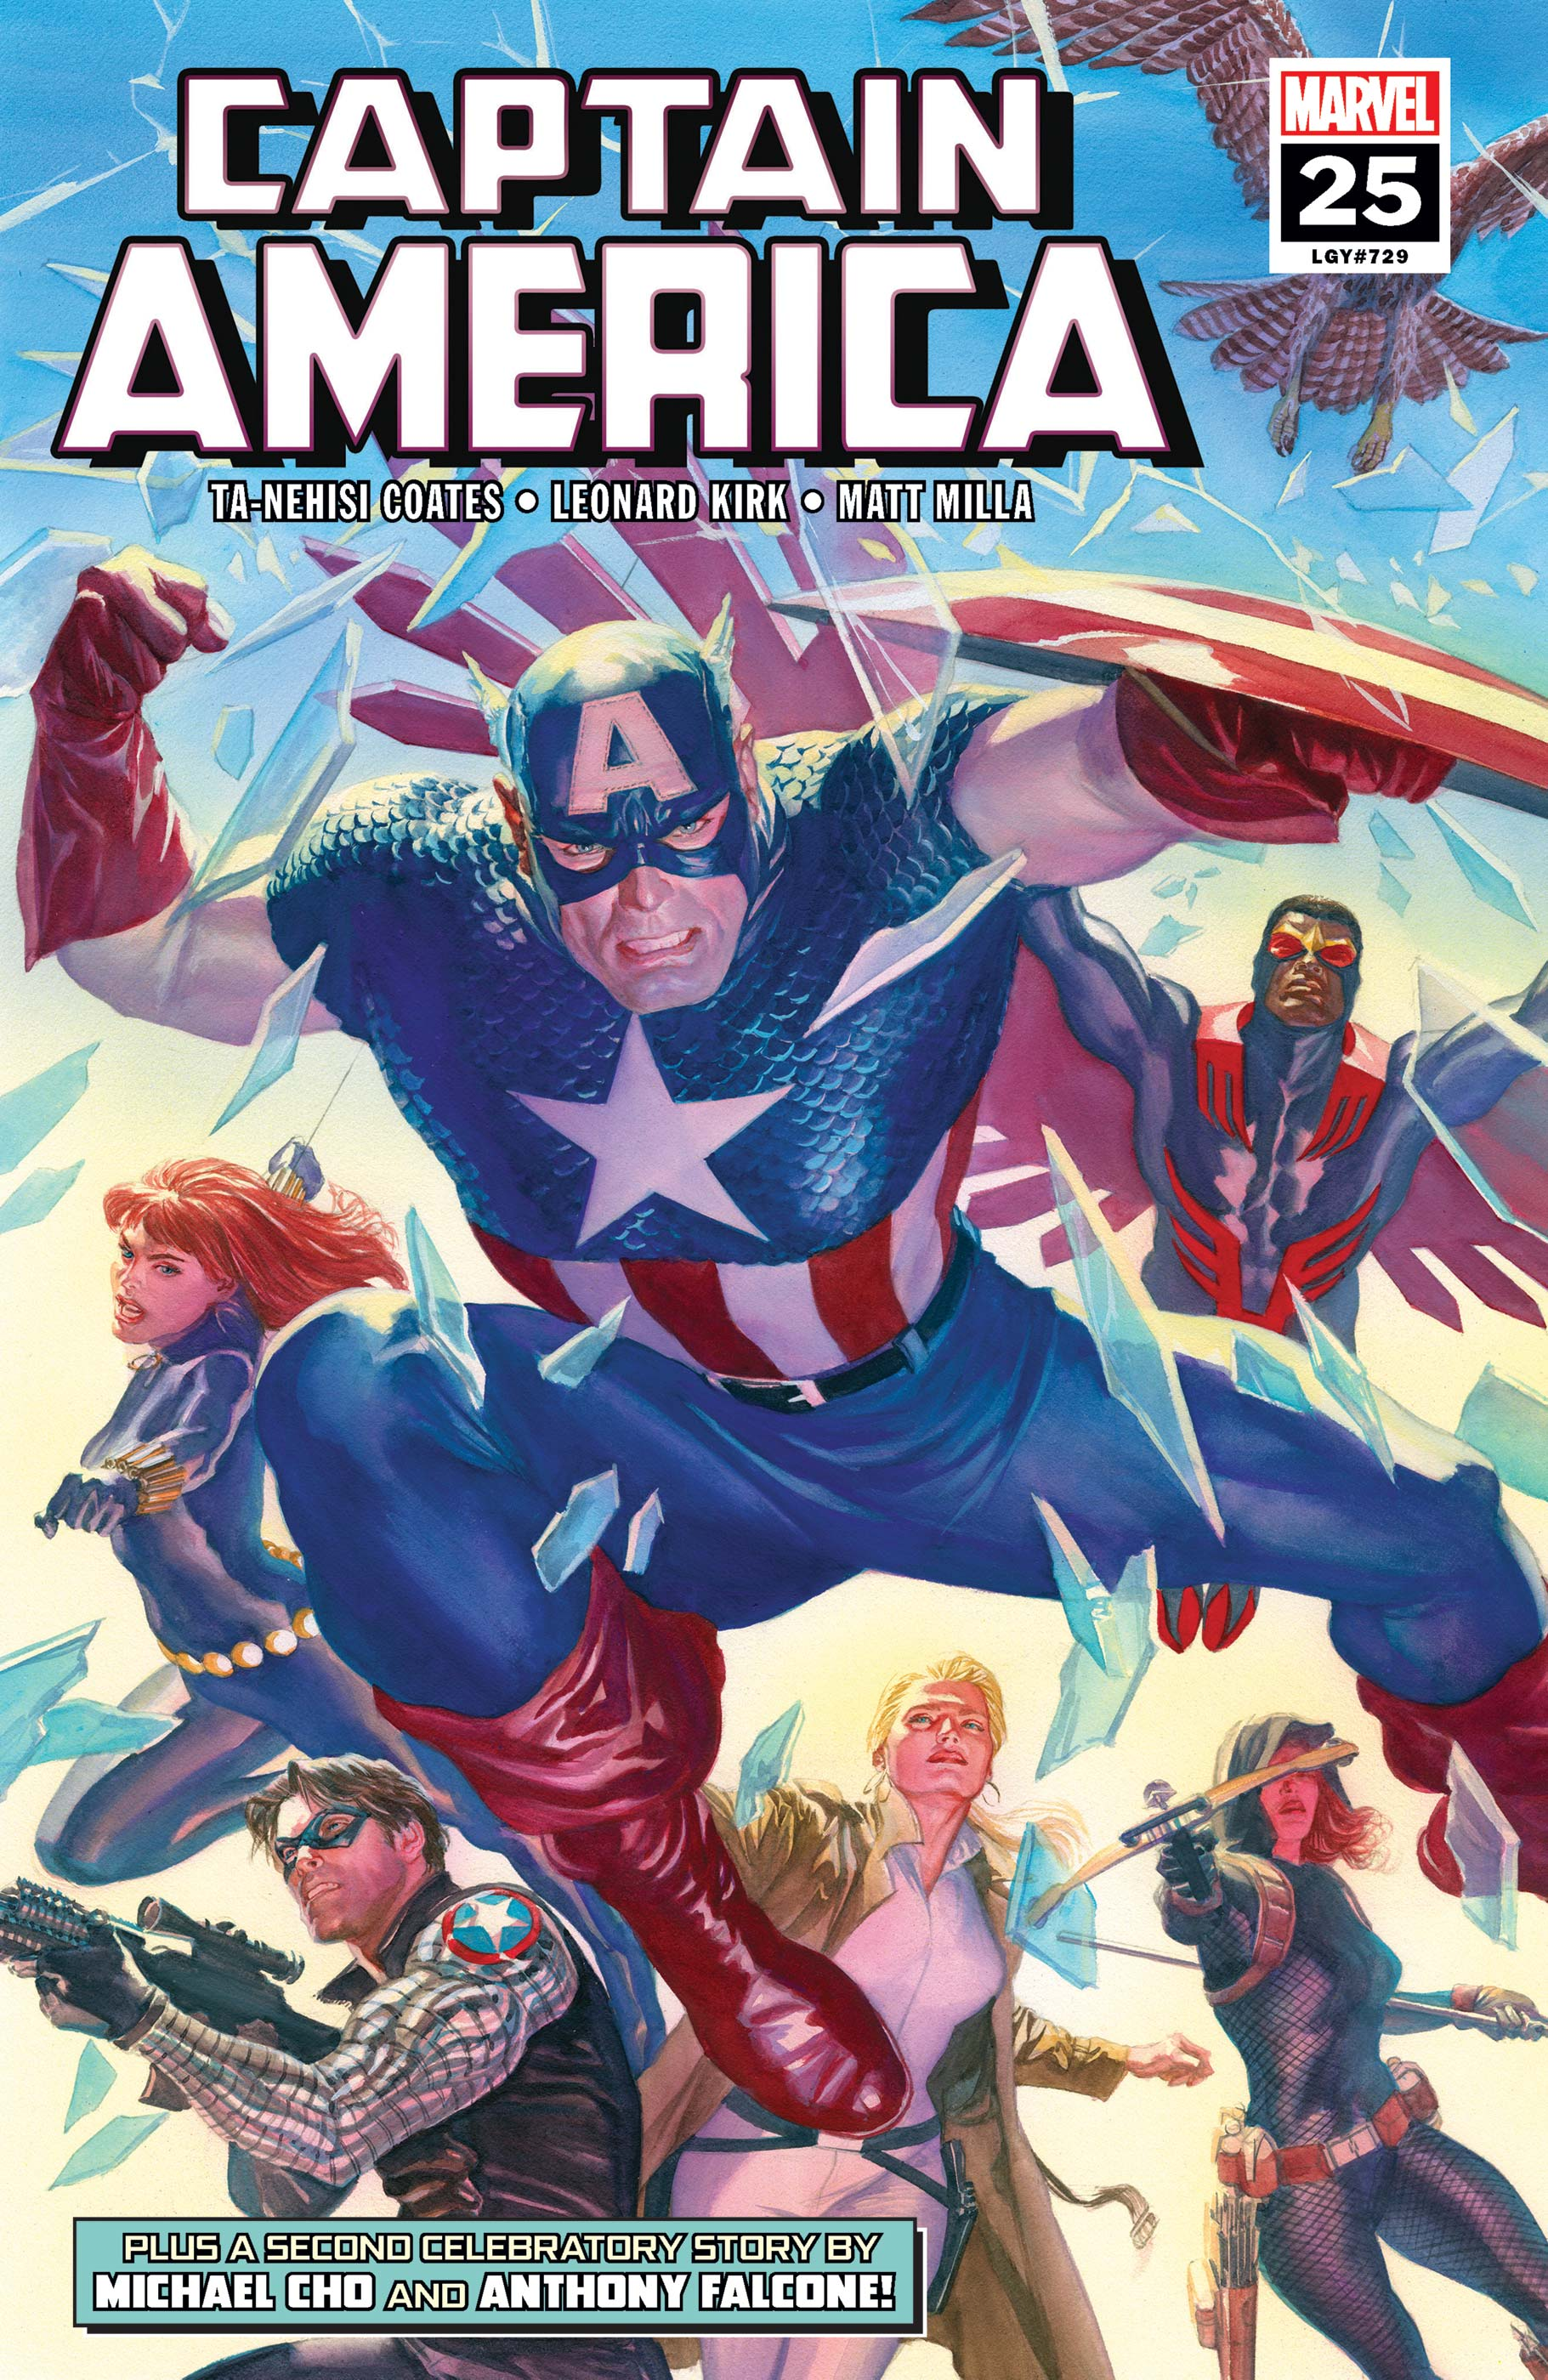 Captain America (2018) #25